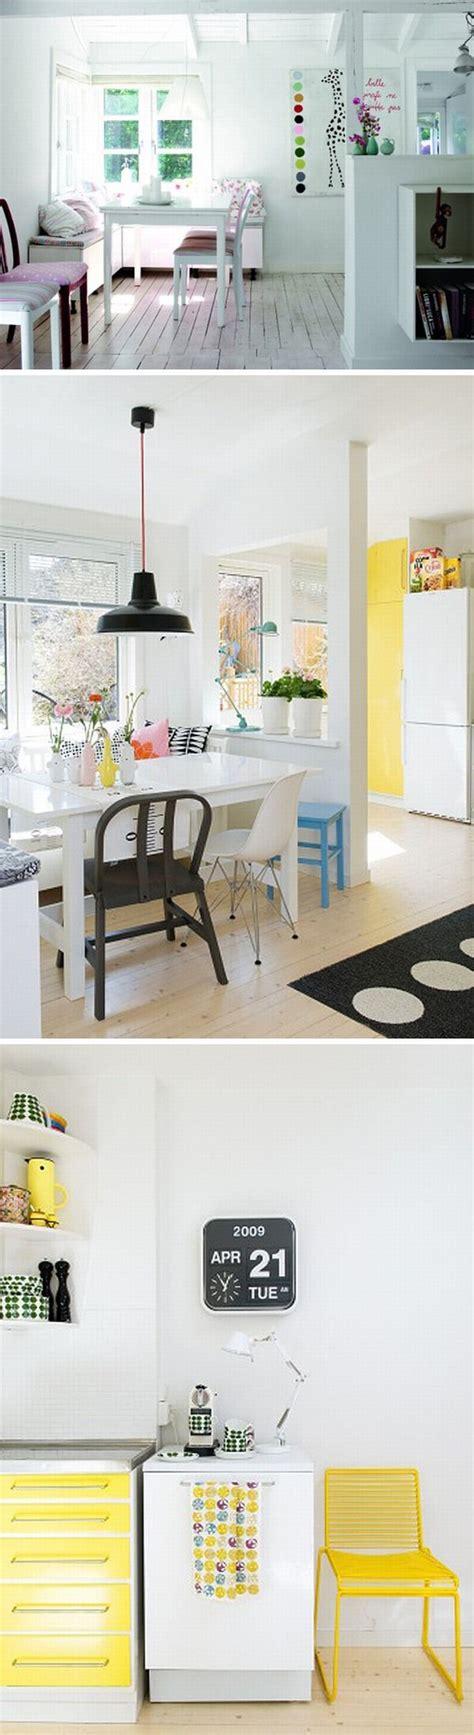 freshome com warm and stylish scandinavian interior designs freshome com